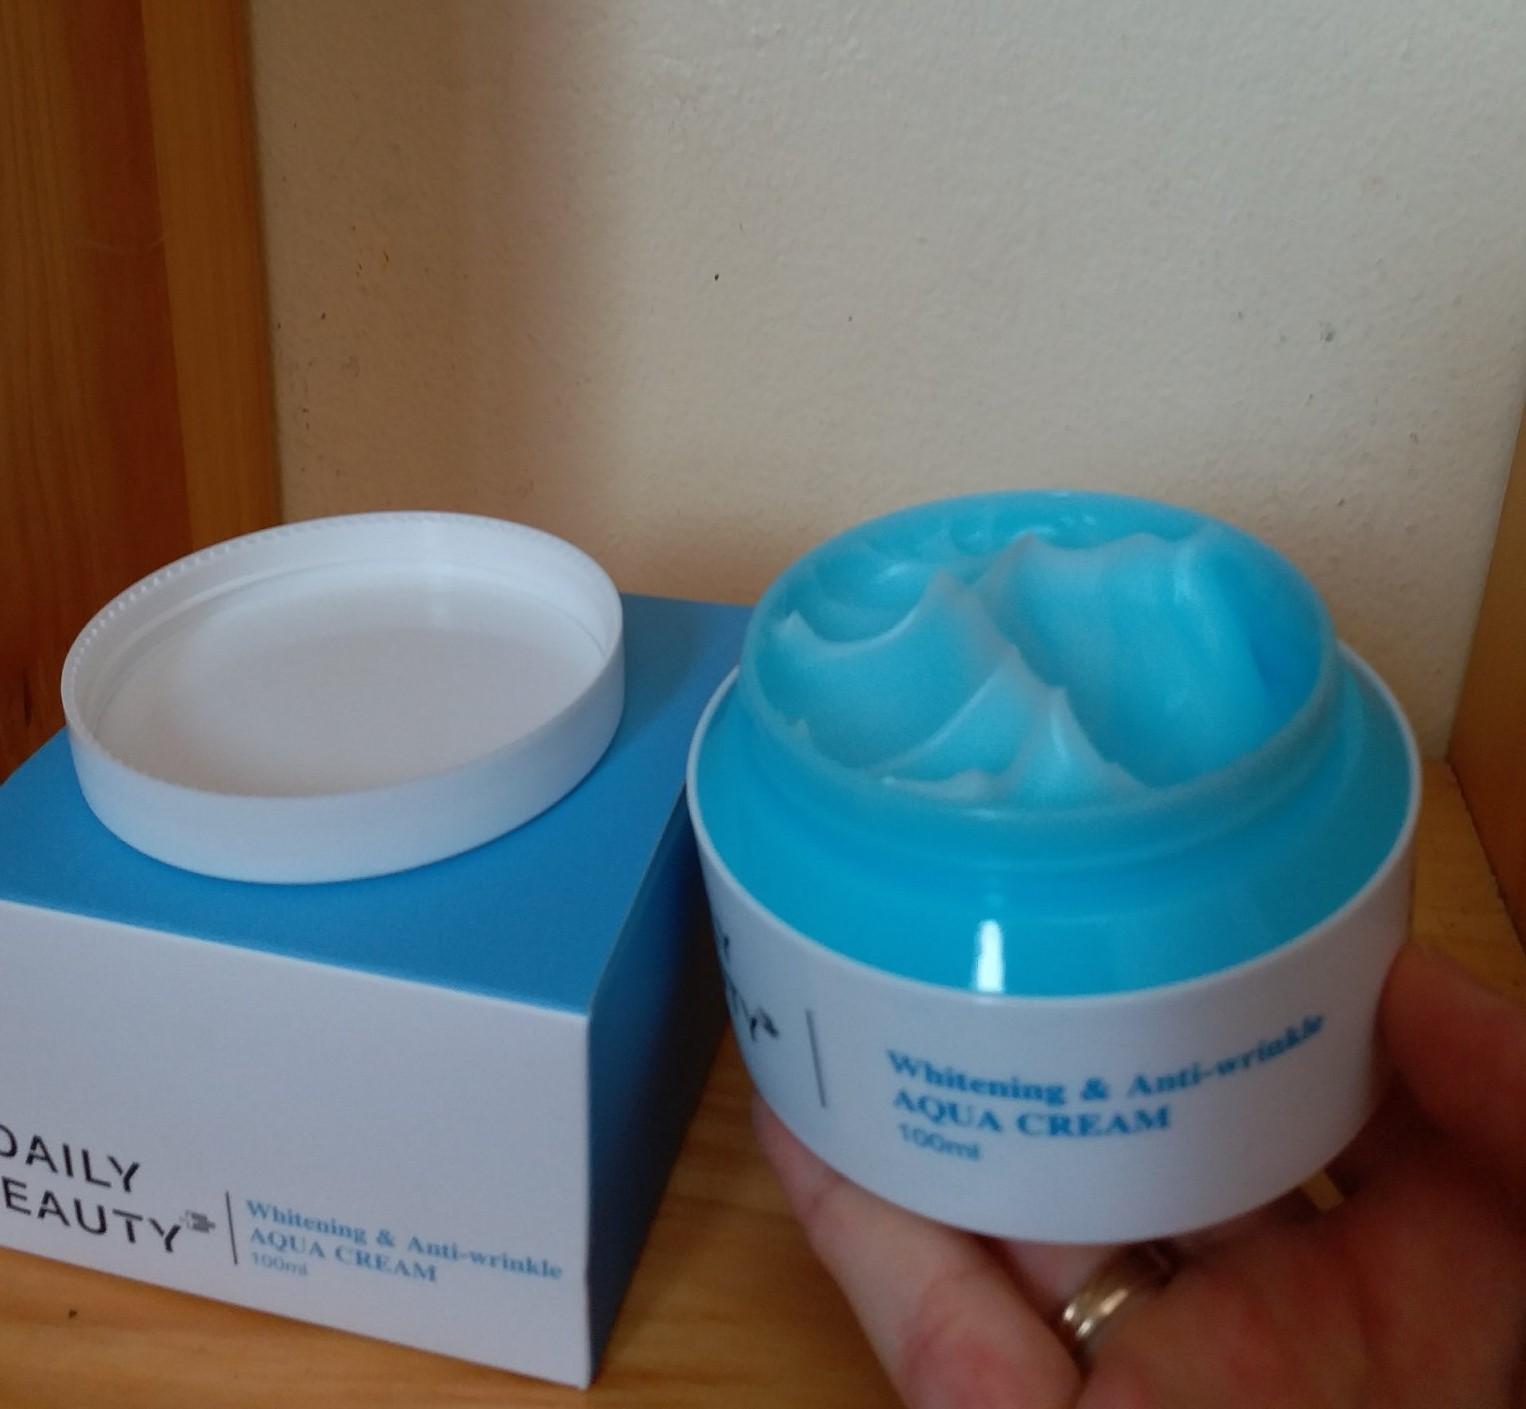 Kem dưỡng Daily Beauty Intensive Anti-WrinKle Aqua Cream R&B Việt Nam xuất xứ LB Hàn Quốc, chiết xuất 100% tự nhiên, cấp ẩm, xóa nhăn, dưỡng trắng, 100ml